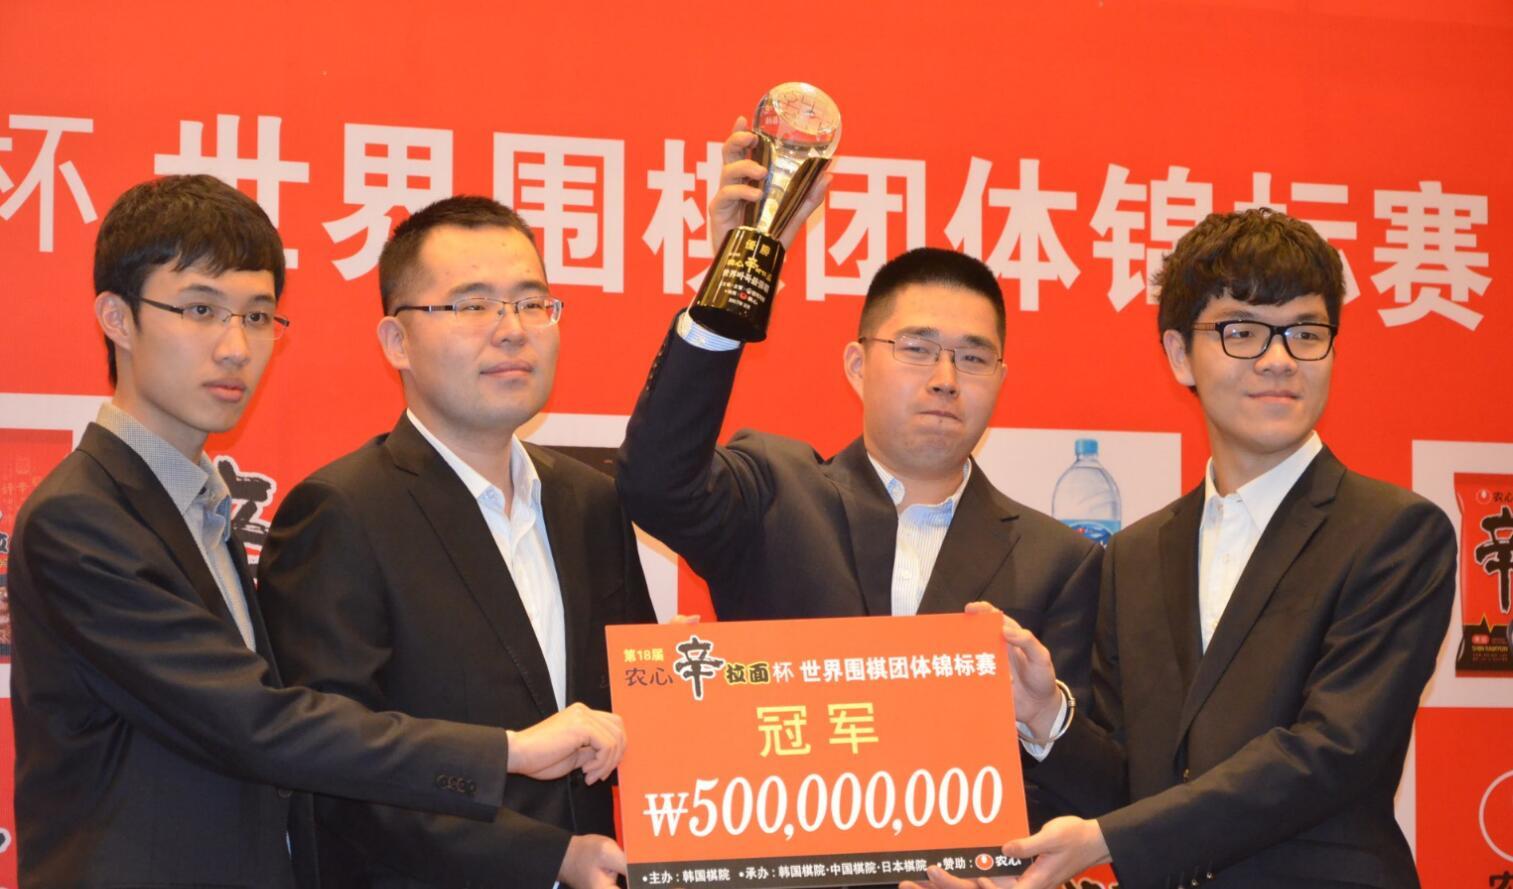 高清-农心杯颁奖 中国霸气捧杯